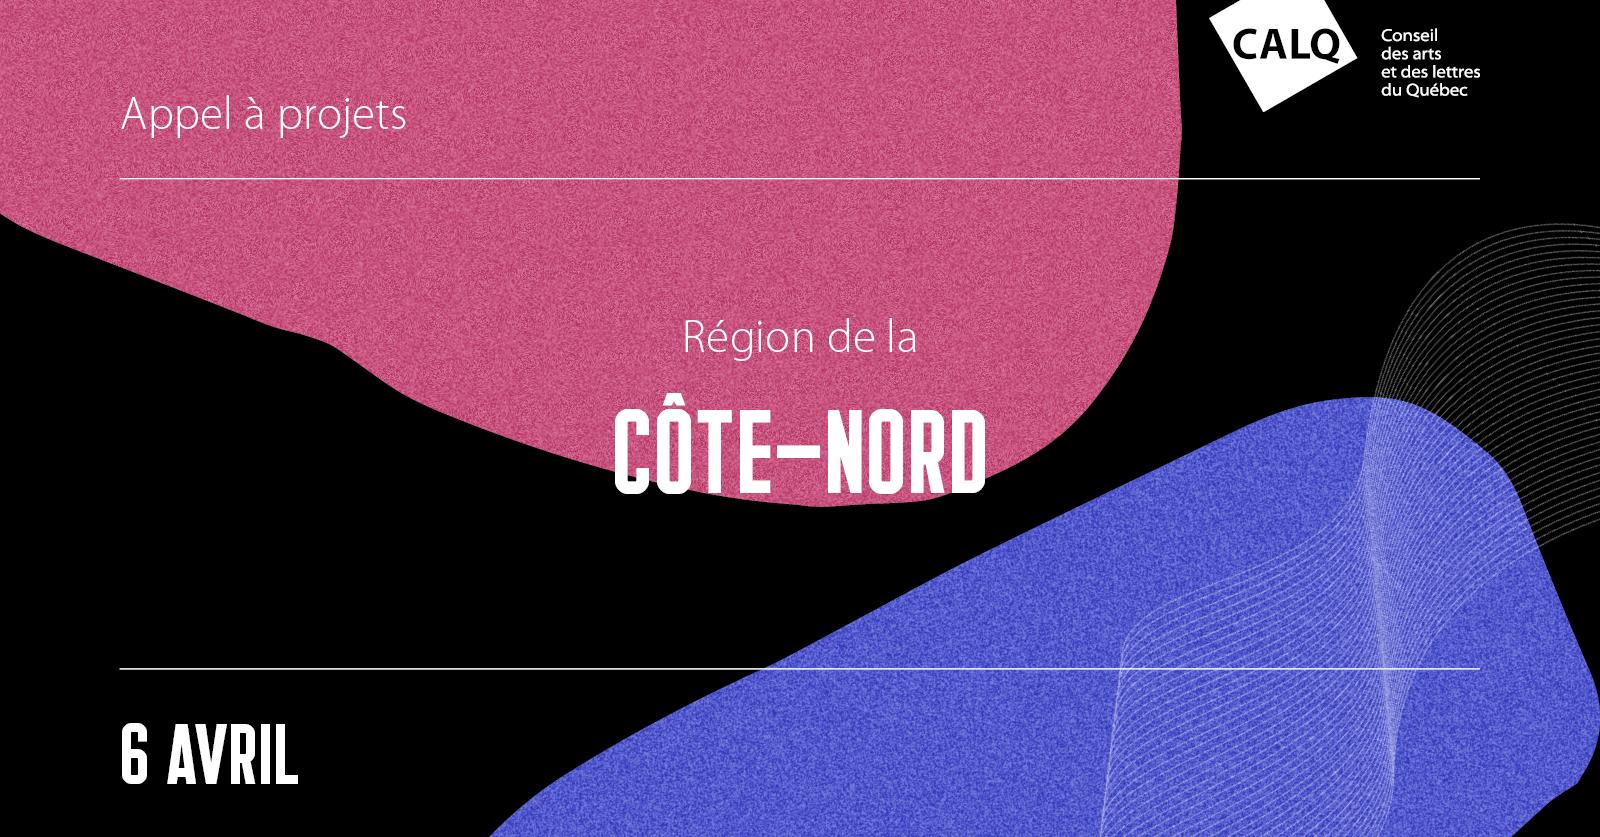 Le deuxième appel de projets du CALQ s'amorce sur la Côte-Nord